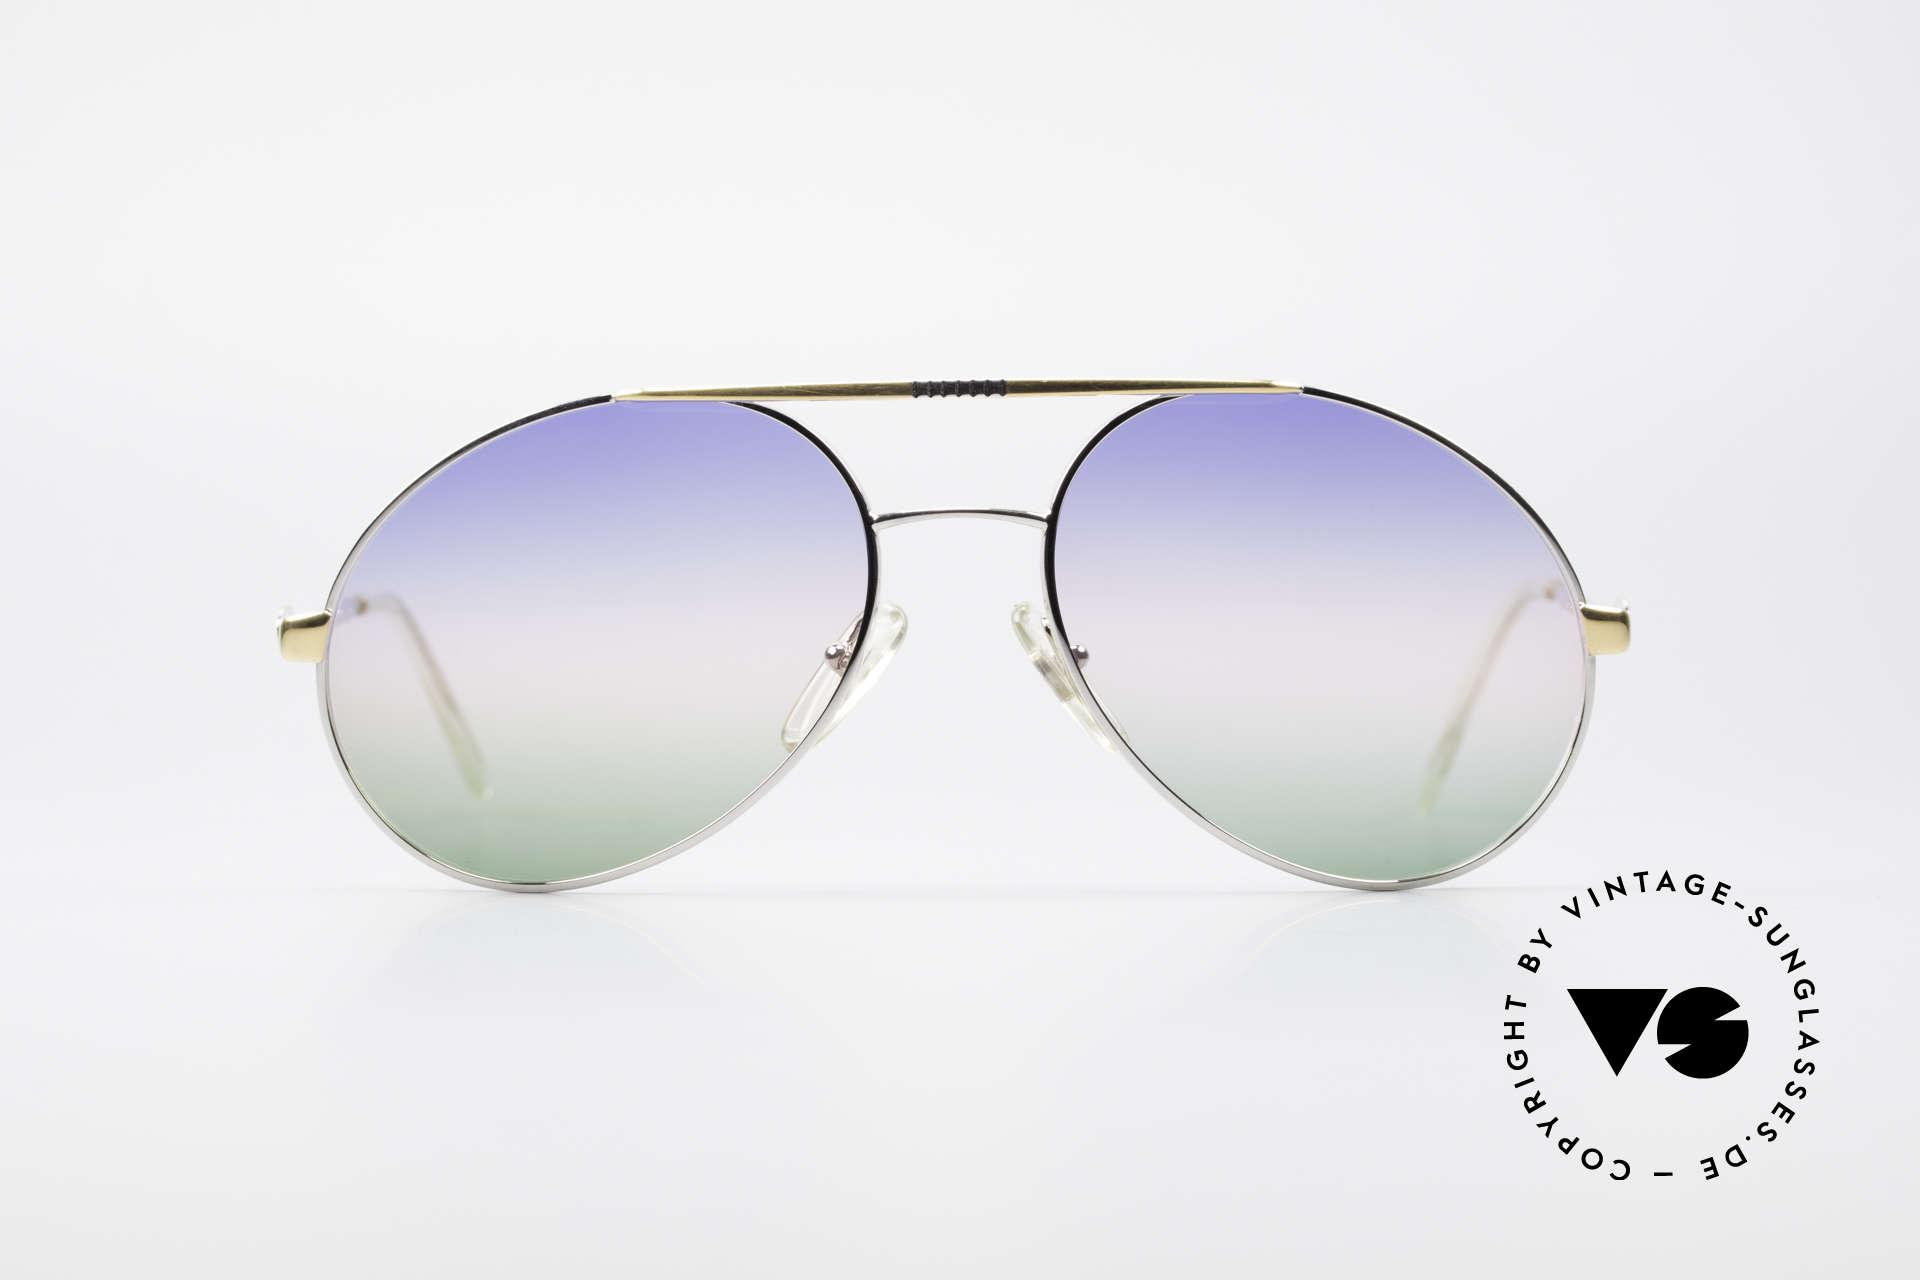 Bugatti 65982 Rare Vintage 80er Sonnenbrille, legendäre Bugatti Brillenform in Top-Qualität, Passend für Herren